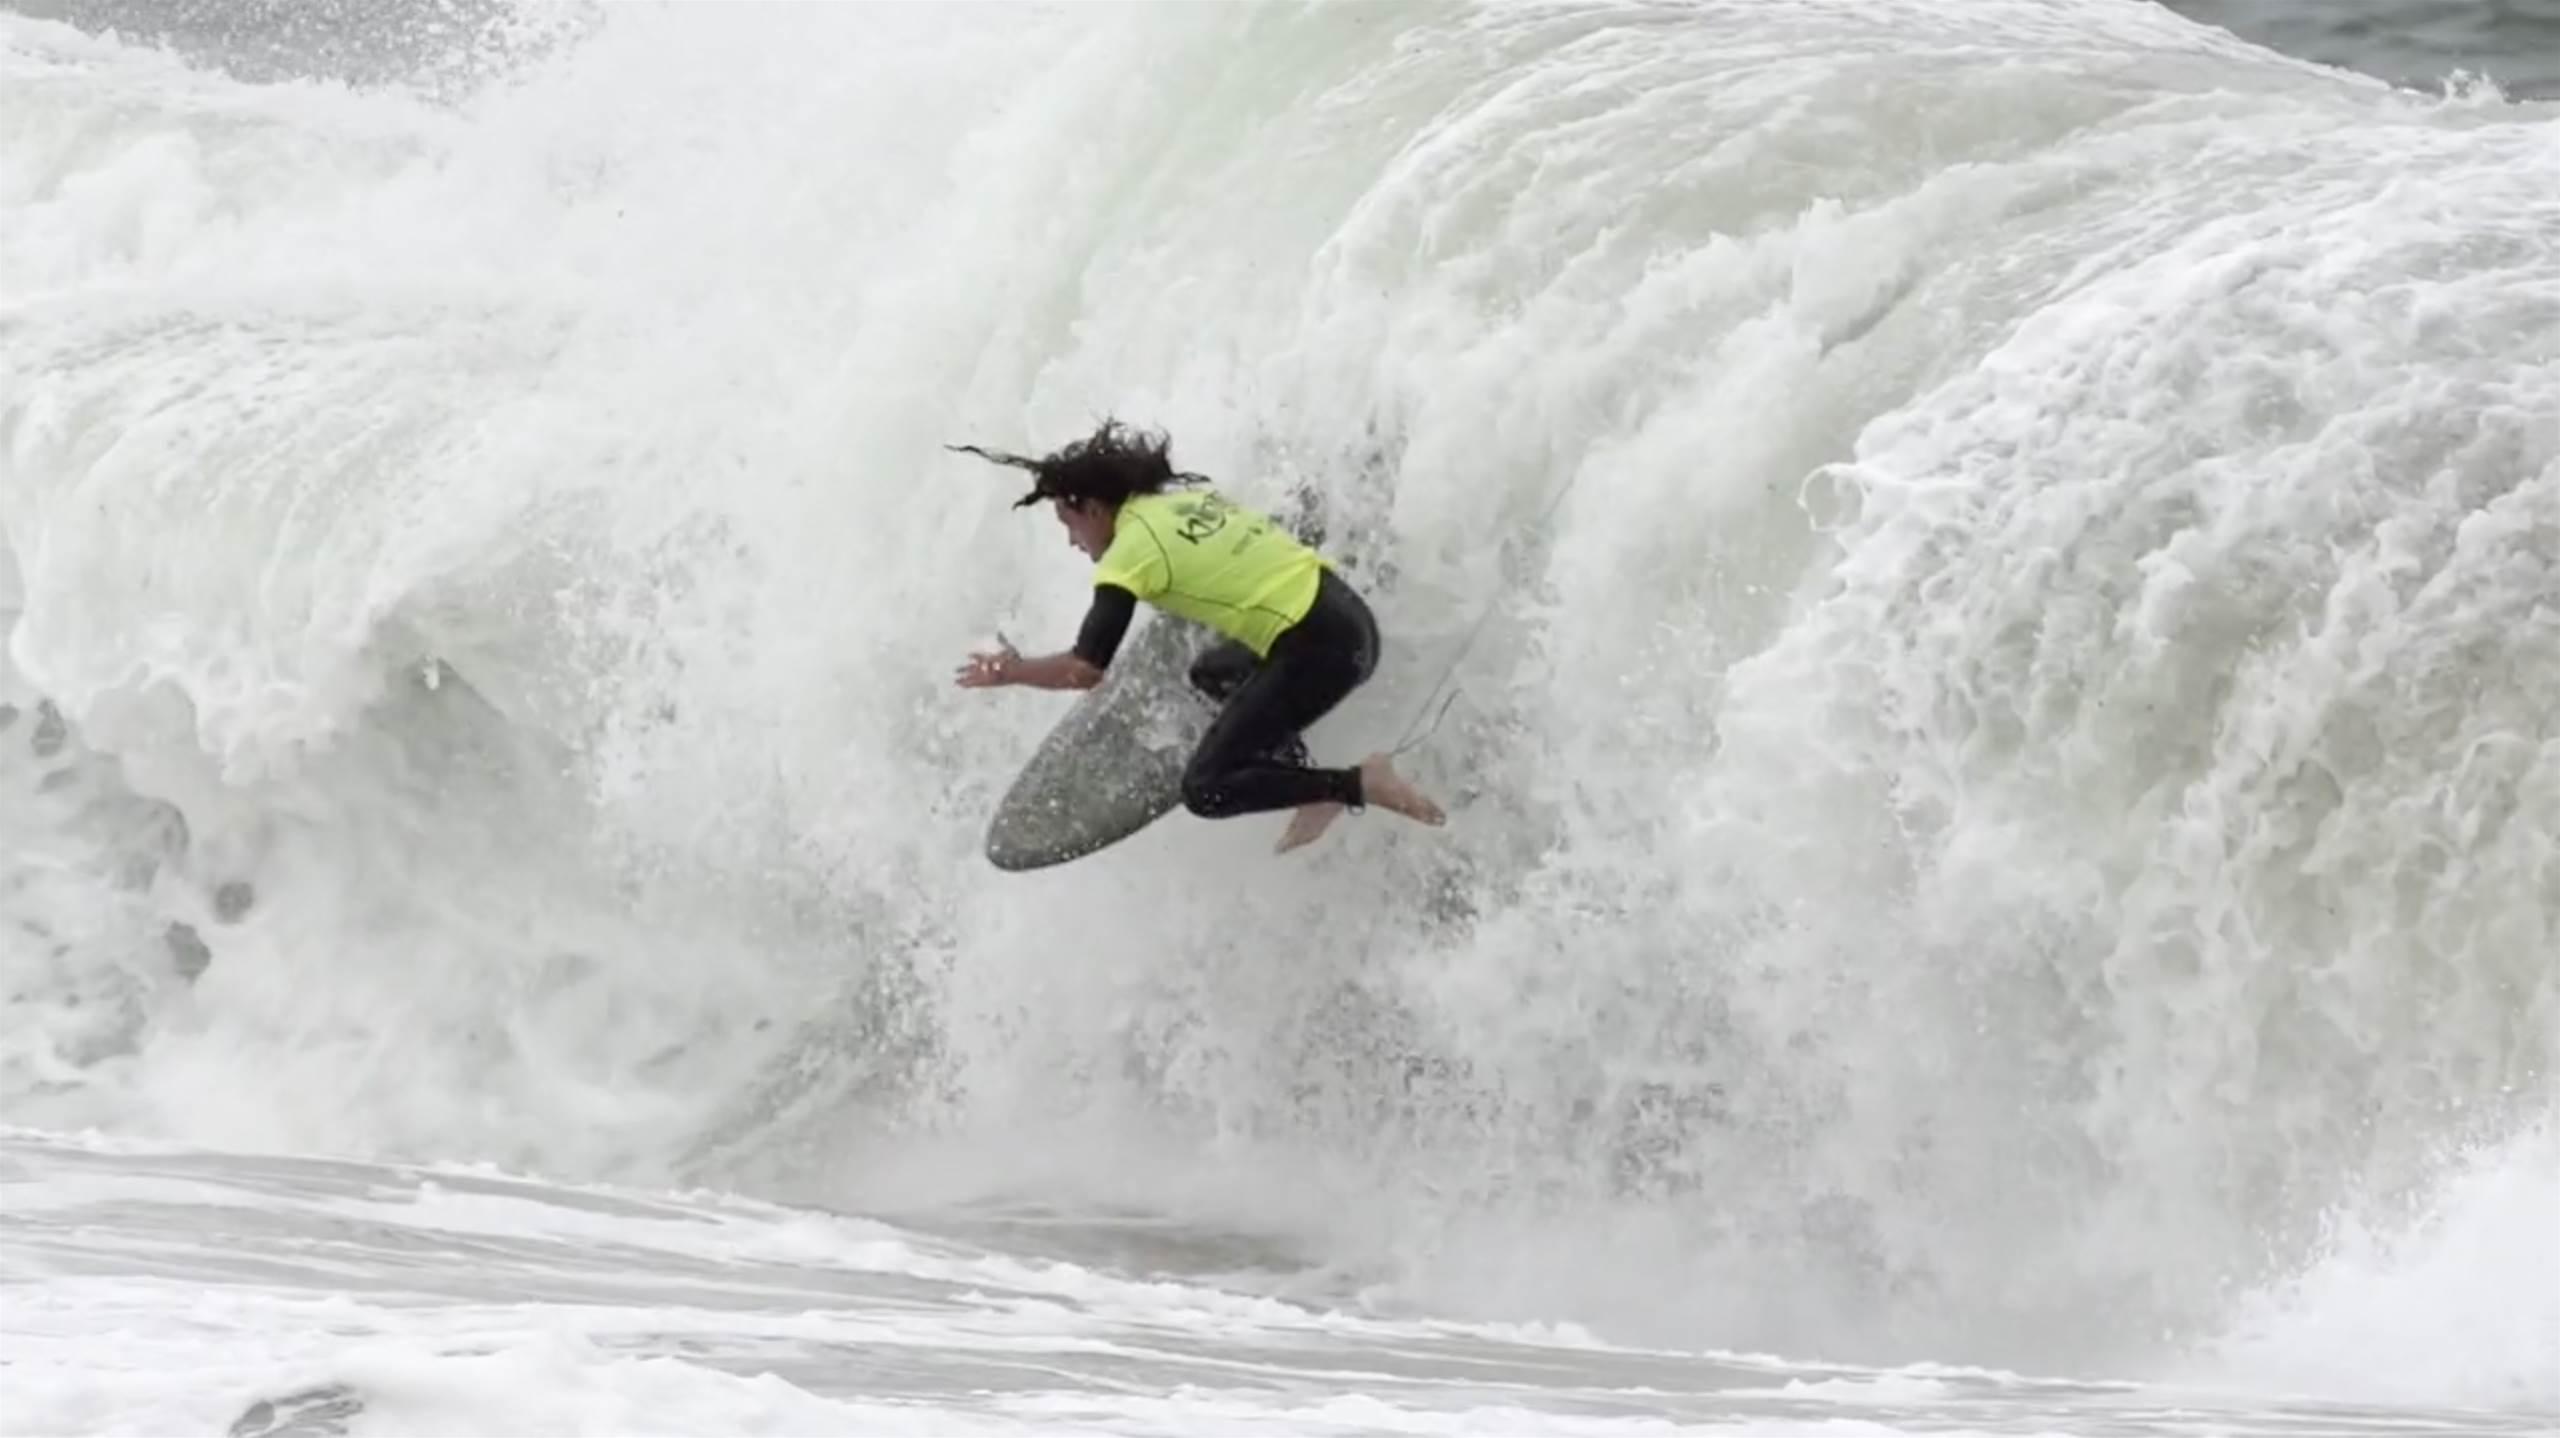 על שבירות חוף ובלי מגנים: Beater Bash היא תחרות כואבת לגולשים